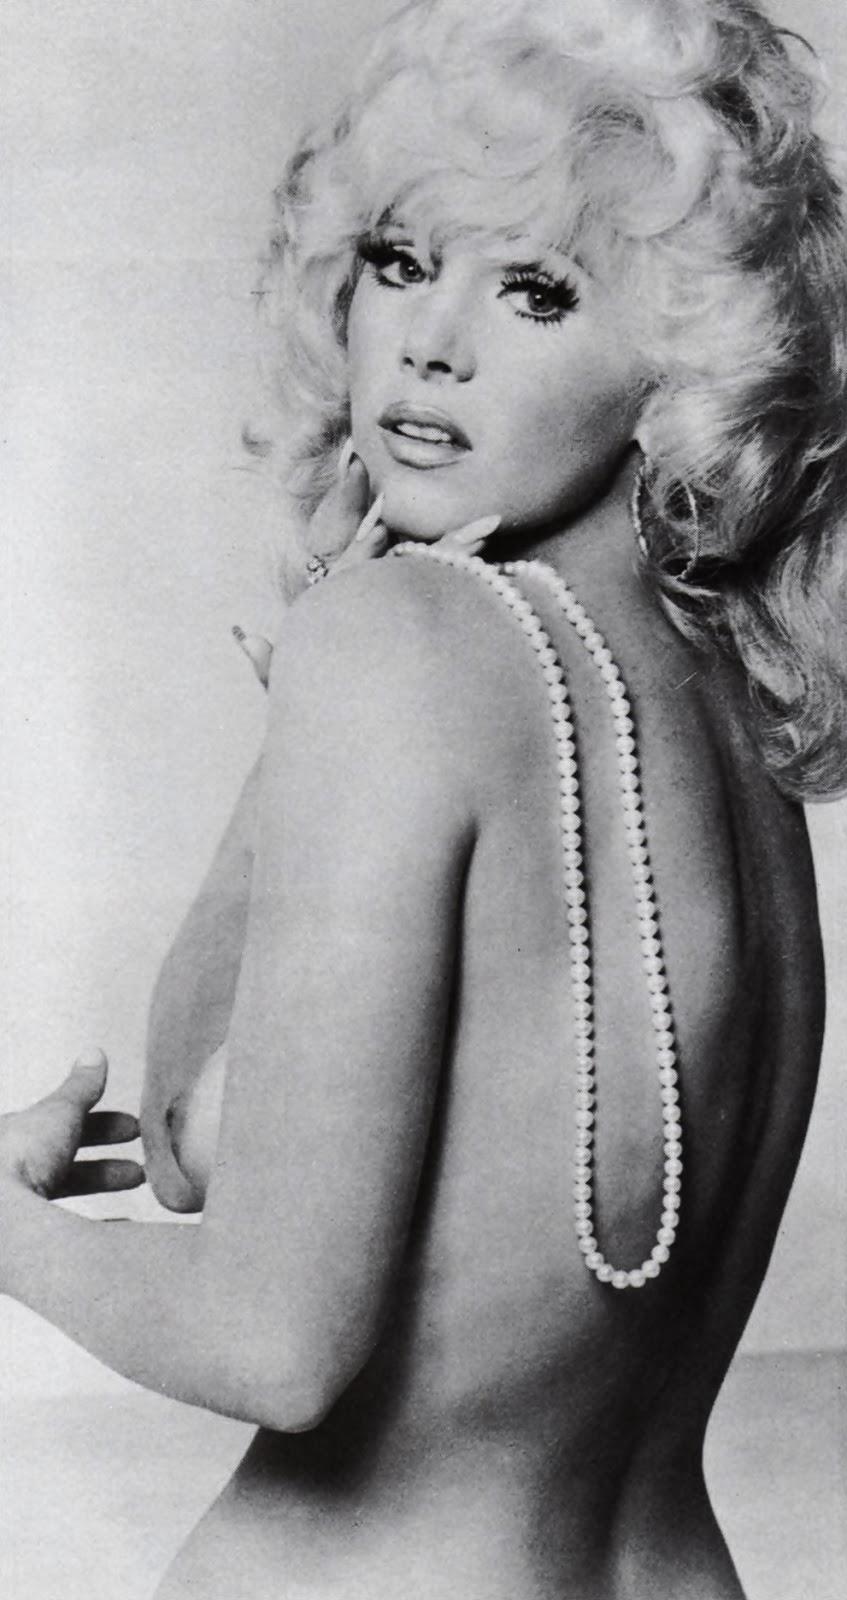 Vintage Celebrity Nudes - Datawav-1199